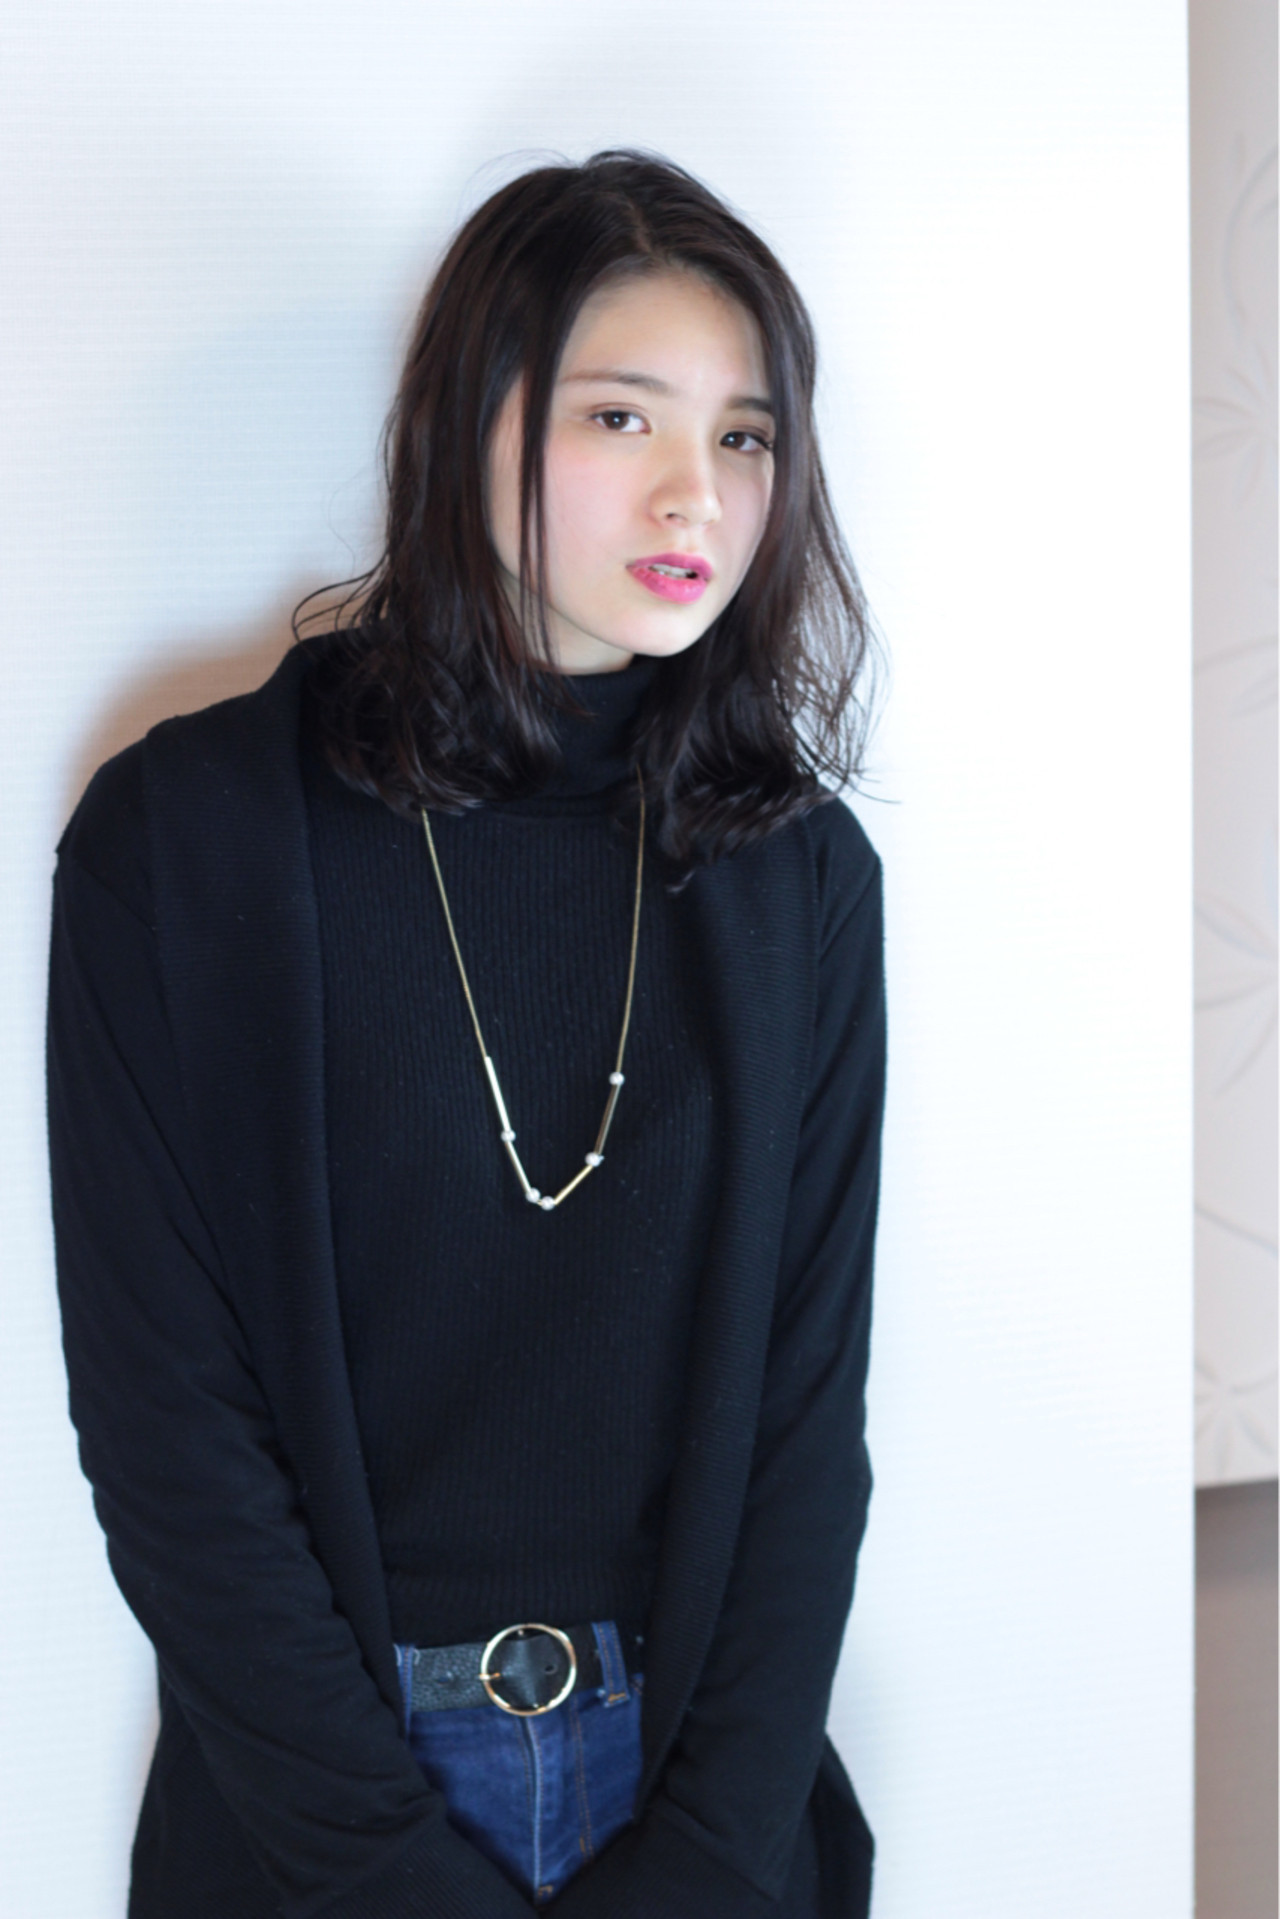 黒髪 バレンタイン 冬 アンニュイ ヘアスタイルや髪型の写真・画像